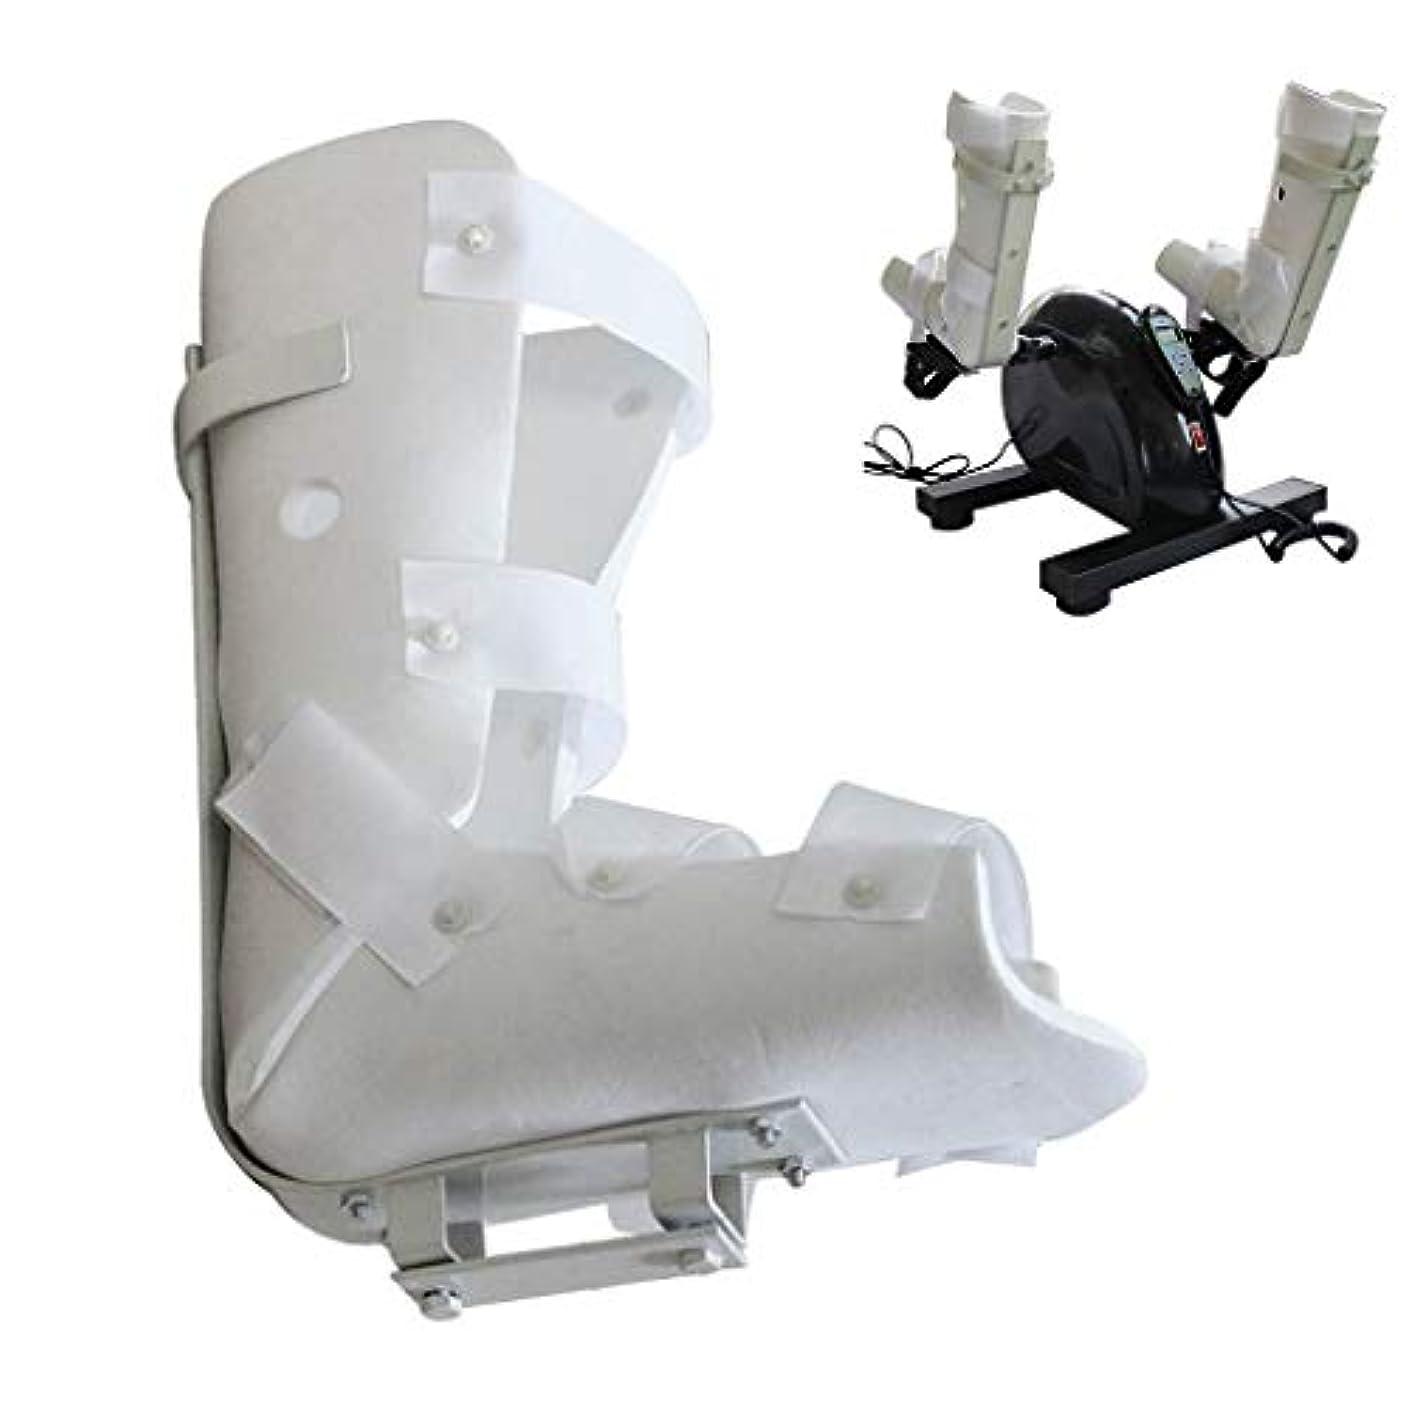 格差成熟したペンフレンド電子理学療法コンフォートソフトスプリント、ハンディキャップ障害者および脳卒中サバイバー、1ペア用のリハビリバイクペダル電動トレーナーの脚サポート